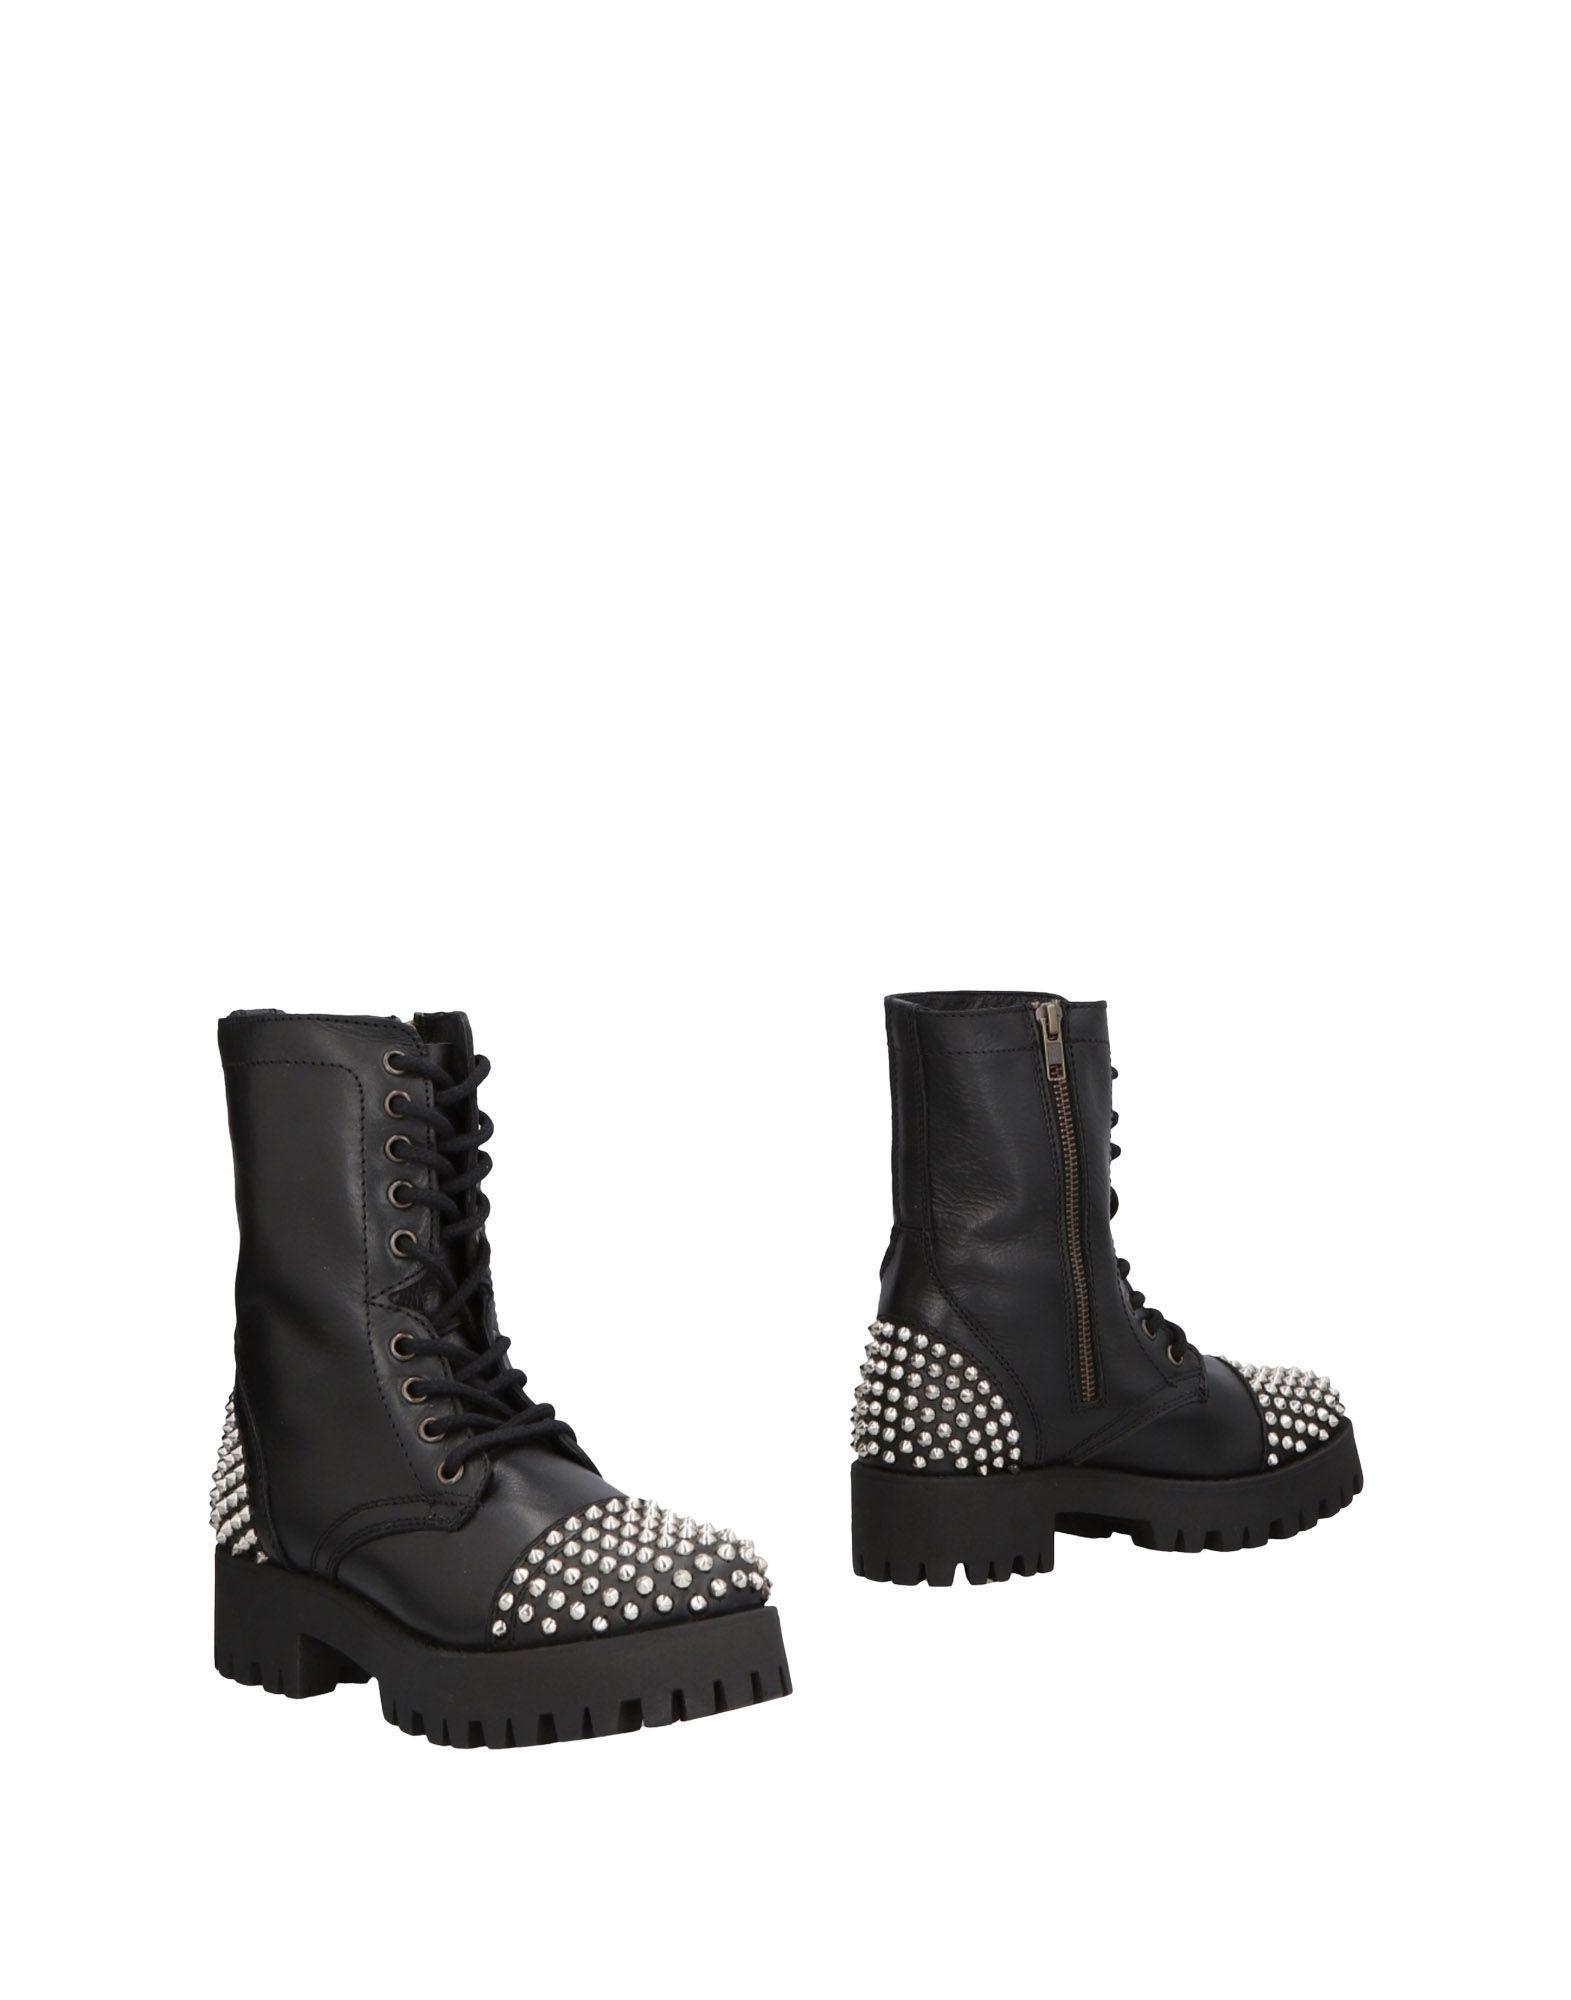 Steve Madden Stiefelette Damen  11467485DR Gute Qualität beliebte Schuhe